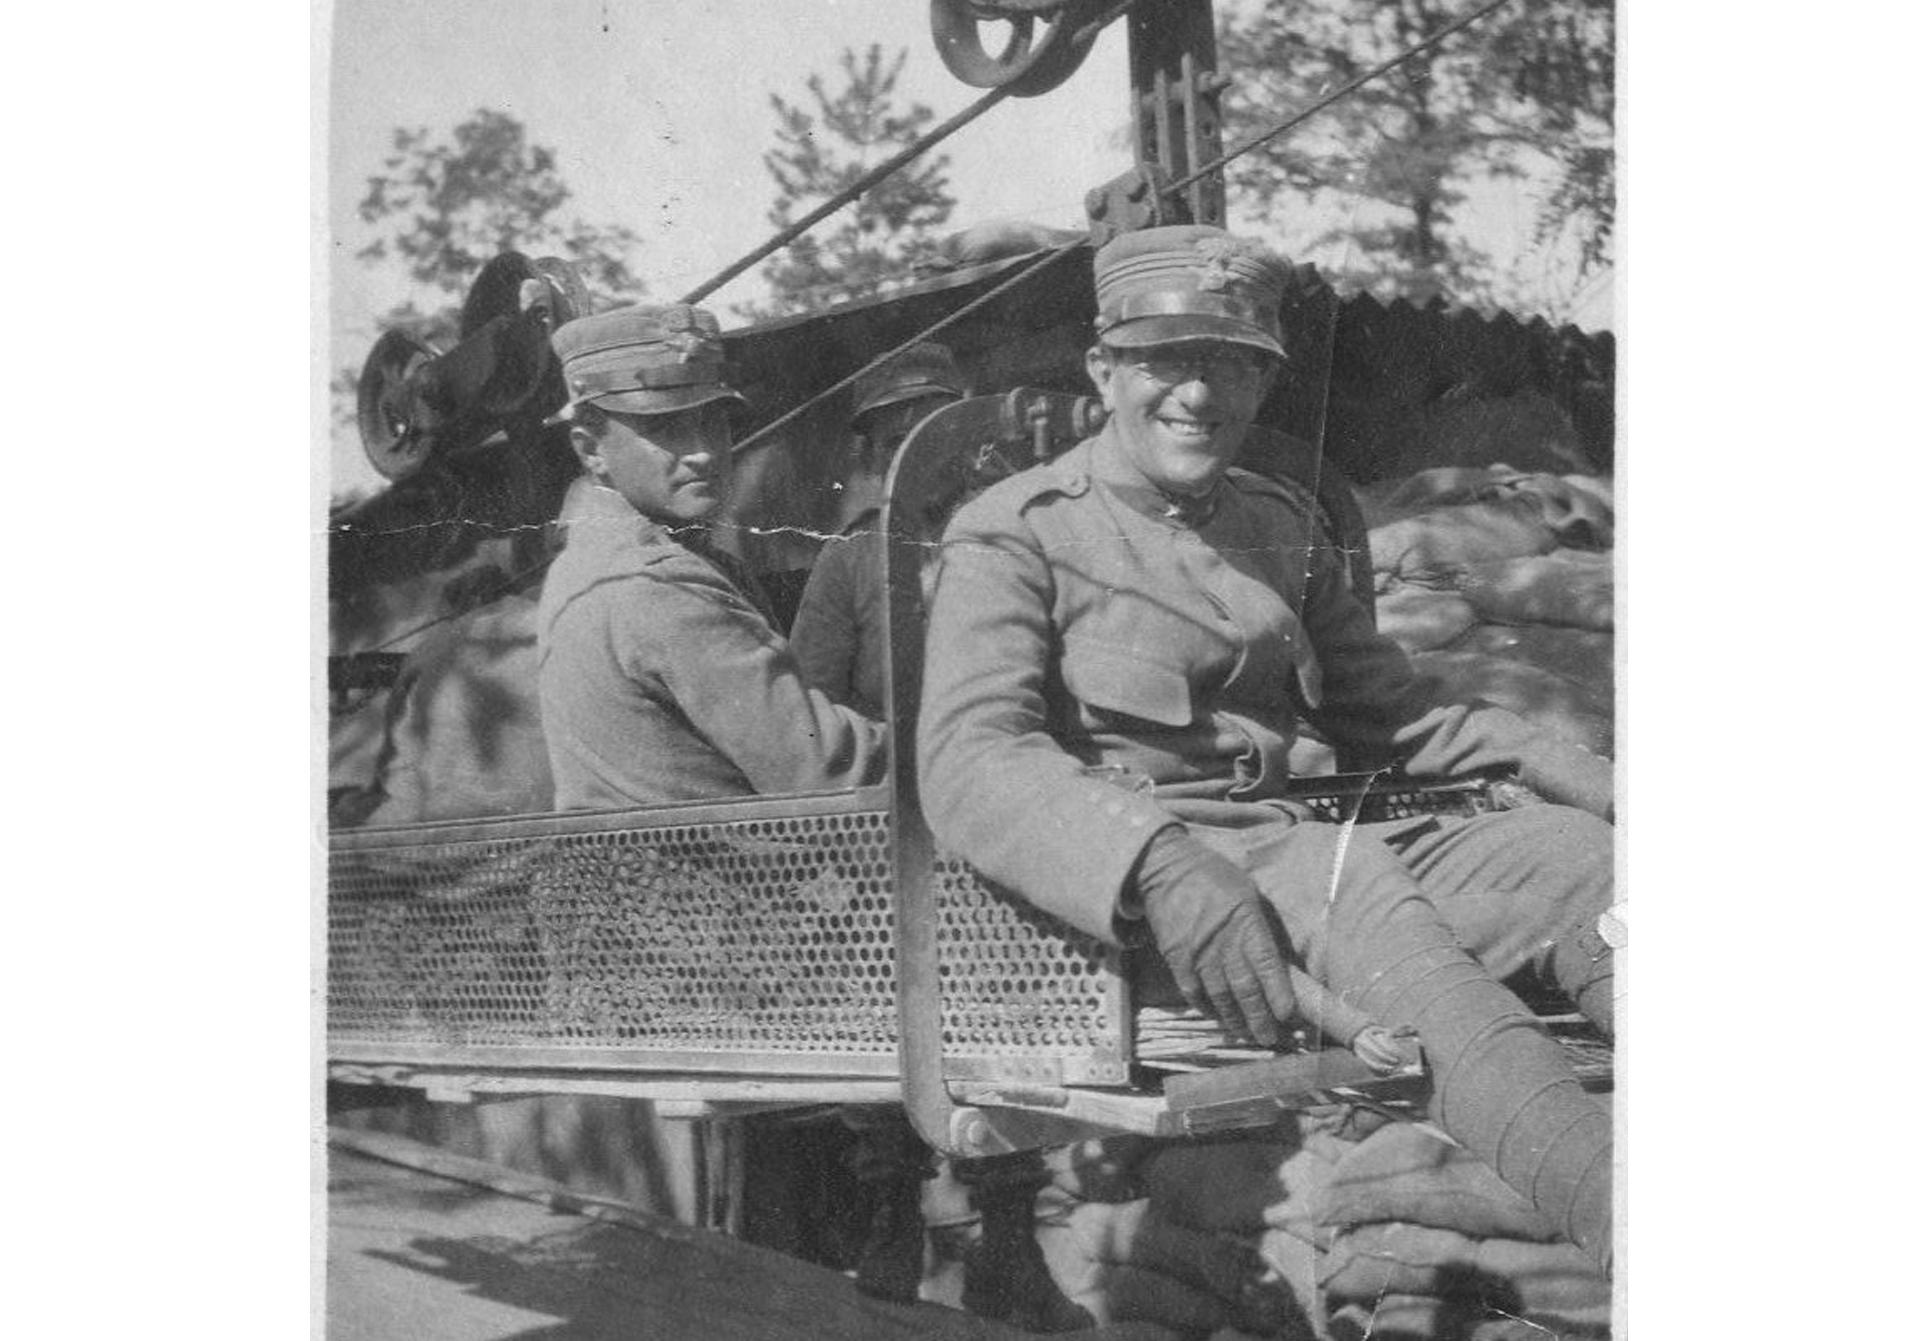 Padre Agostino Gemelli militare durante la Grande guerra